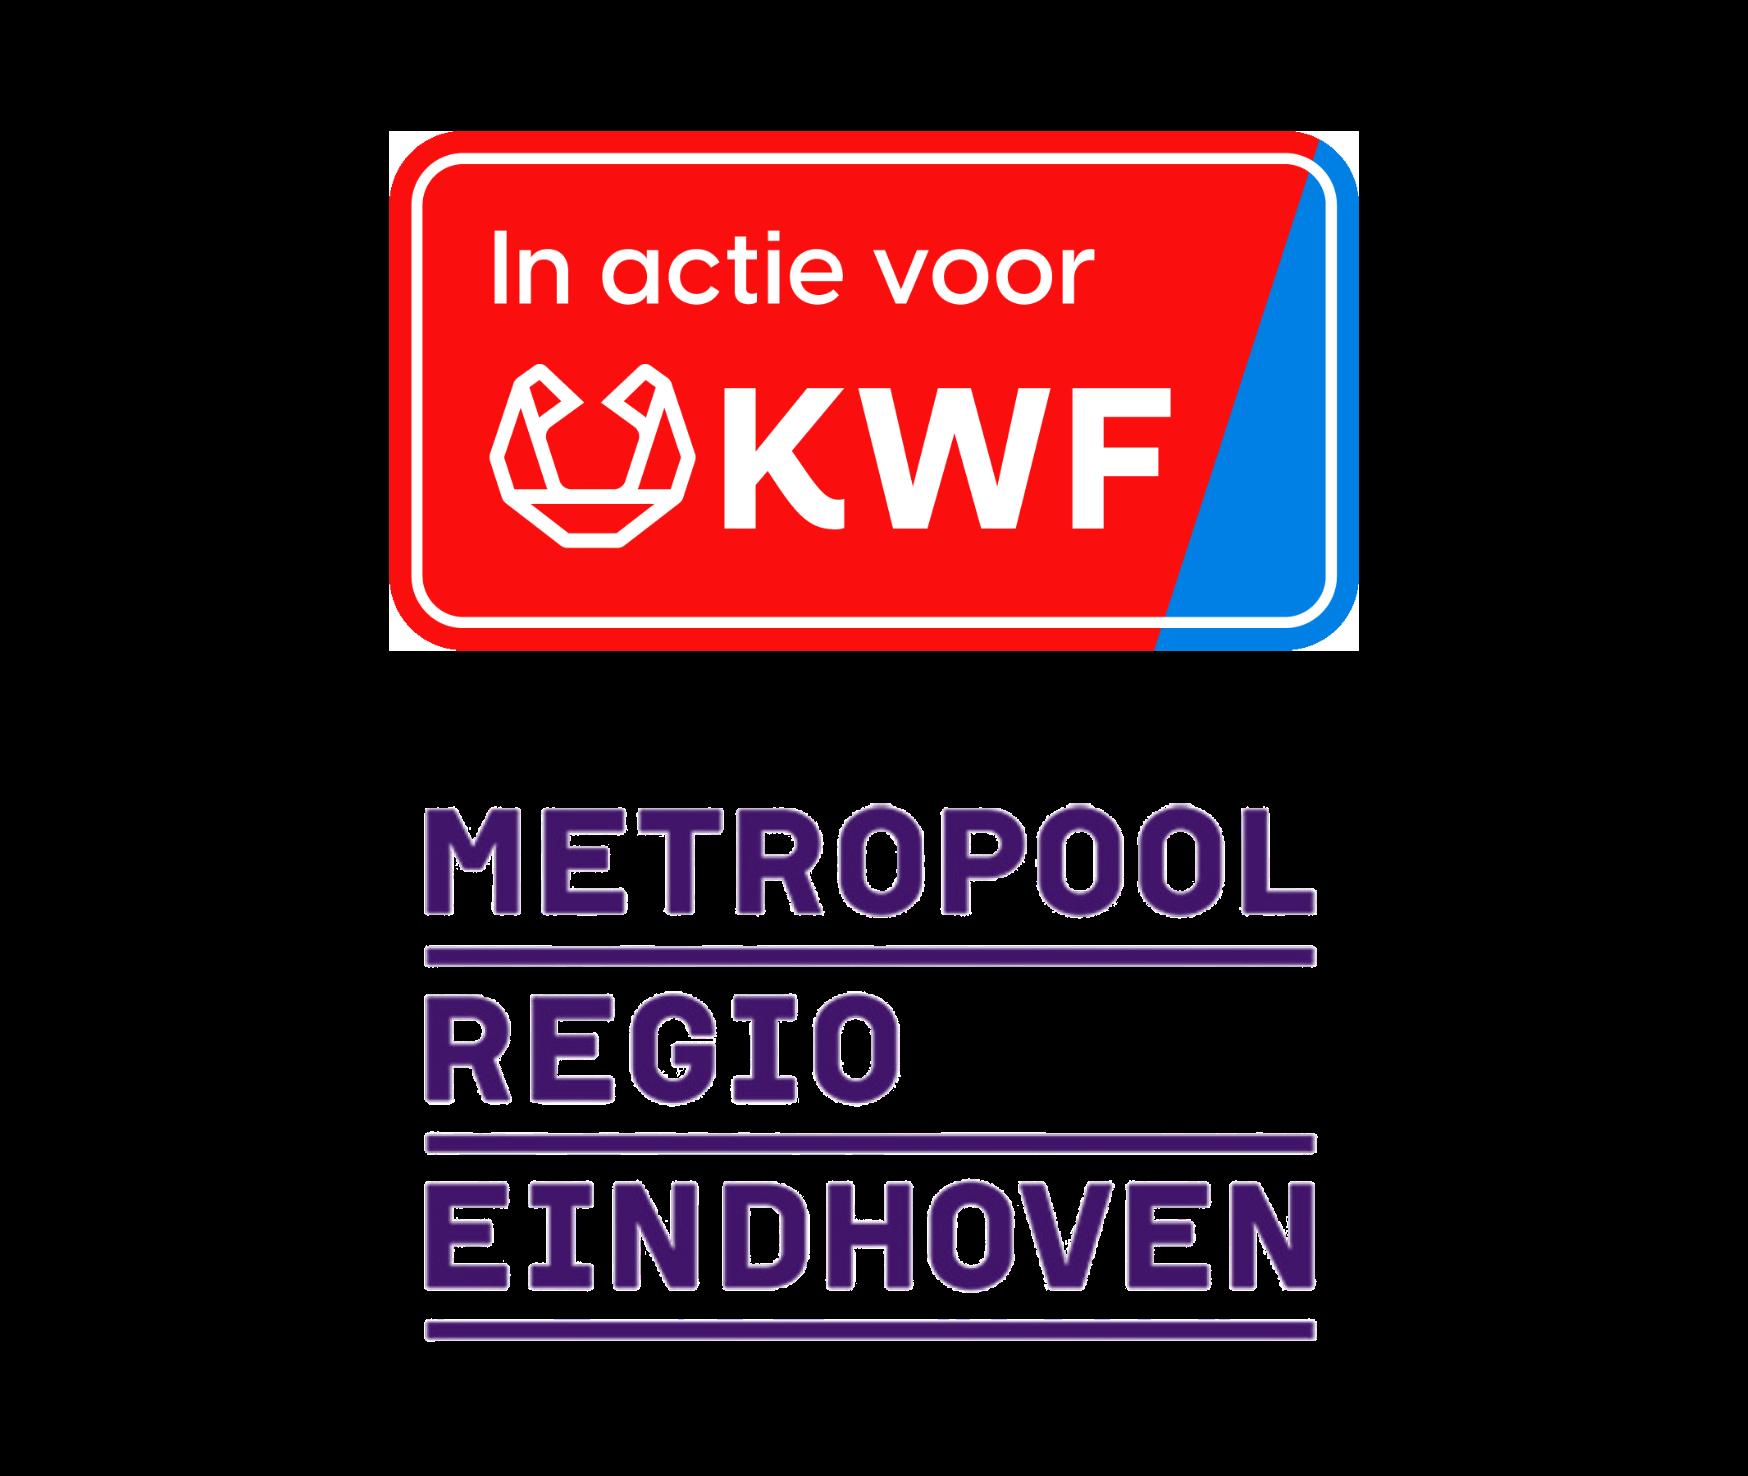 KWF - Metropoolregio Eindhoven